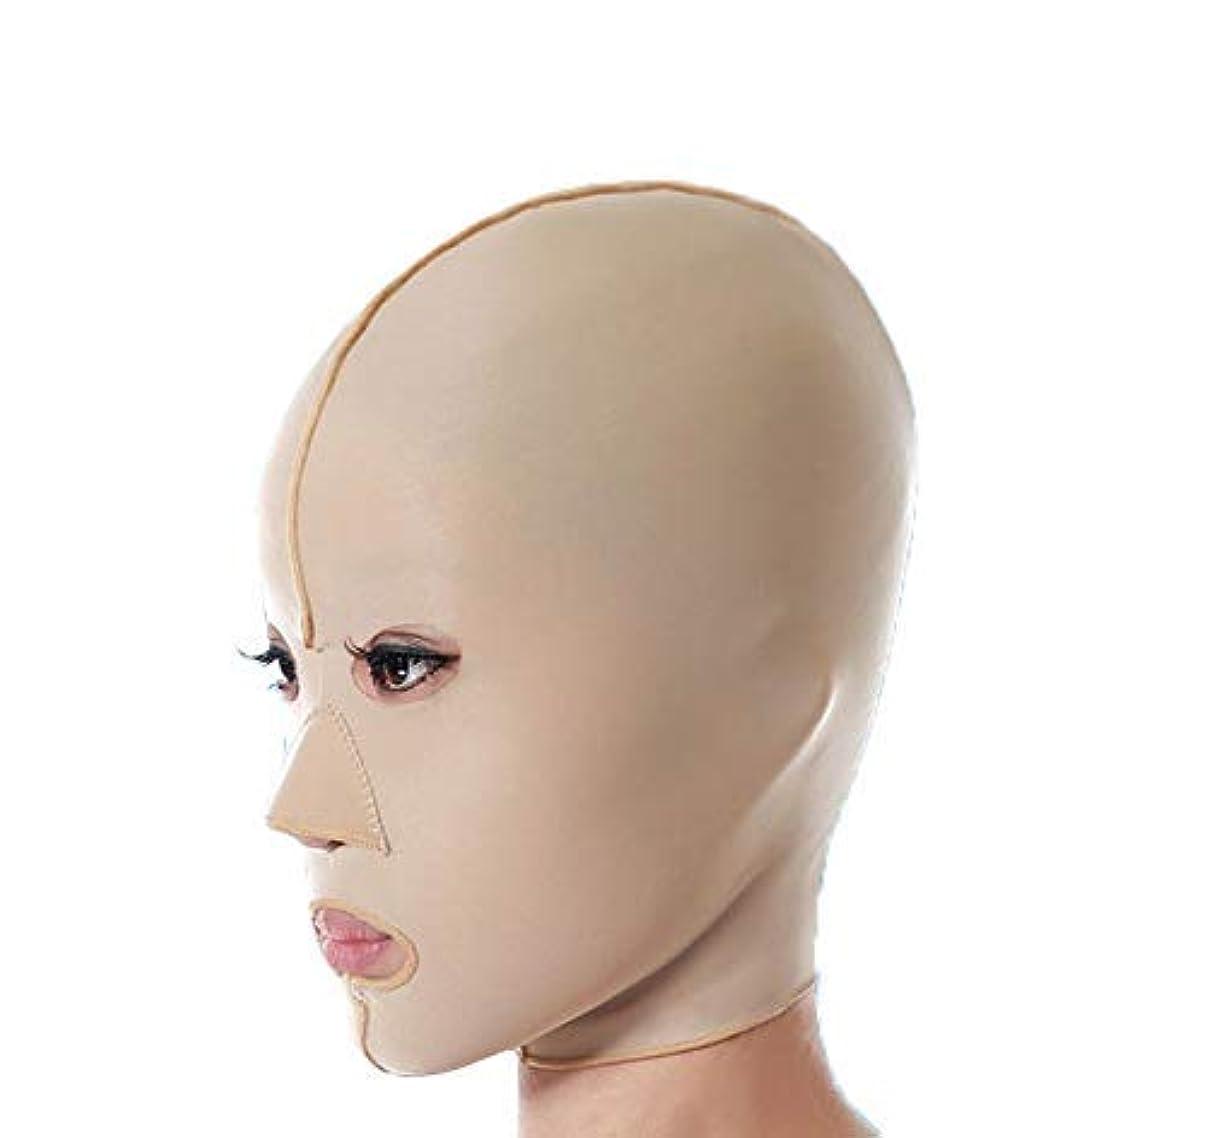 ファーミングフェイスマスク、フェイシャルマスク医学強力なフェイスマスクアーティファクト美容垂れ防止法パターンフェイシャルリフティングファーミングフルフェイスマスク(サイズ:M),Xl